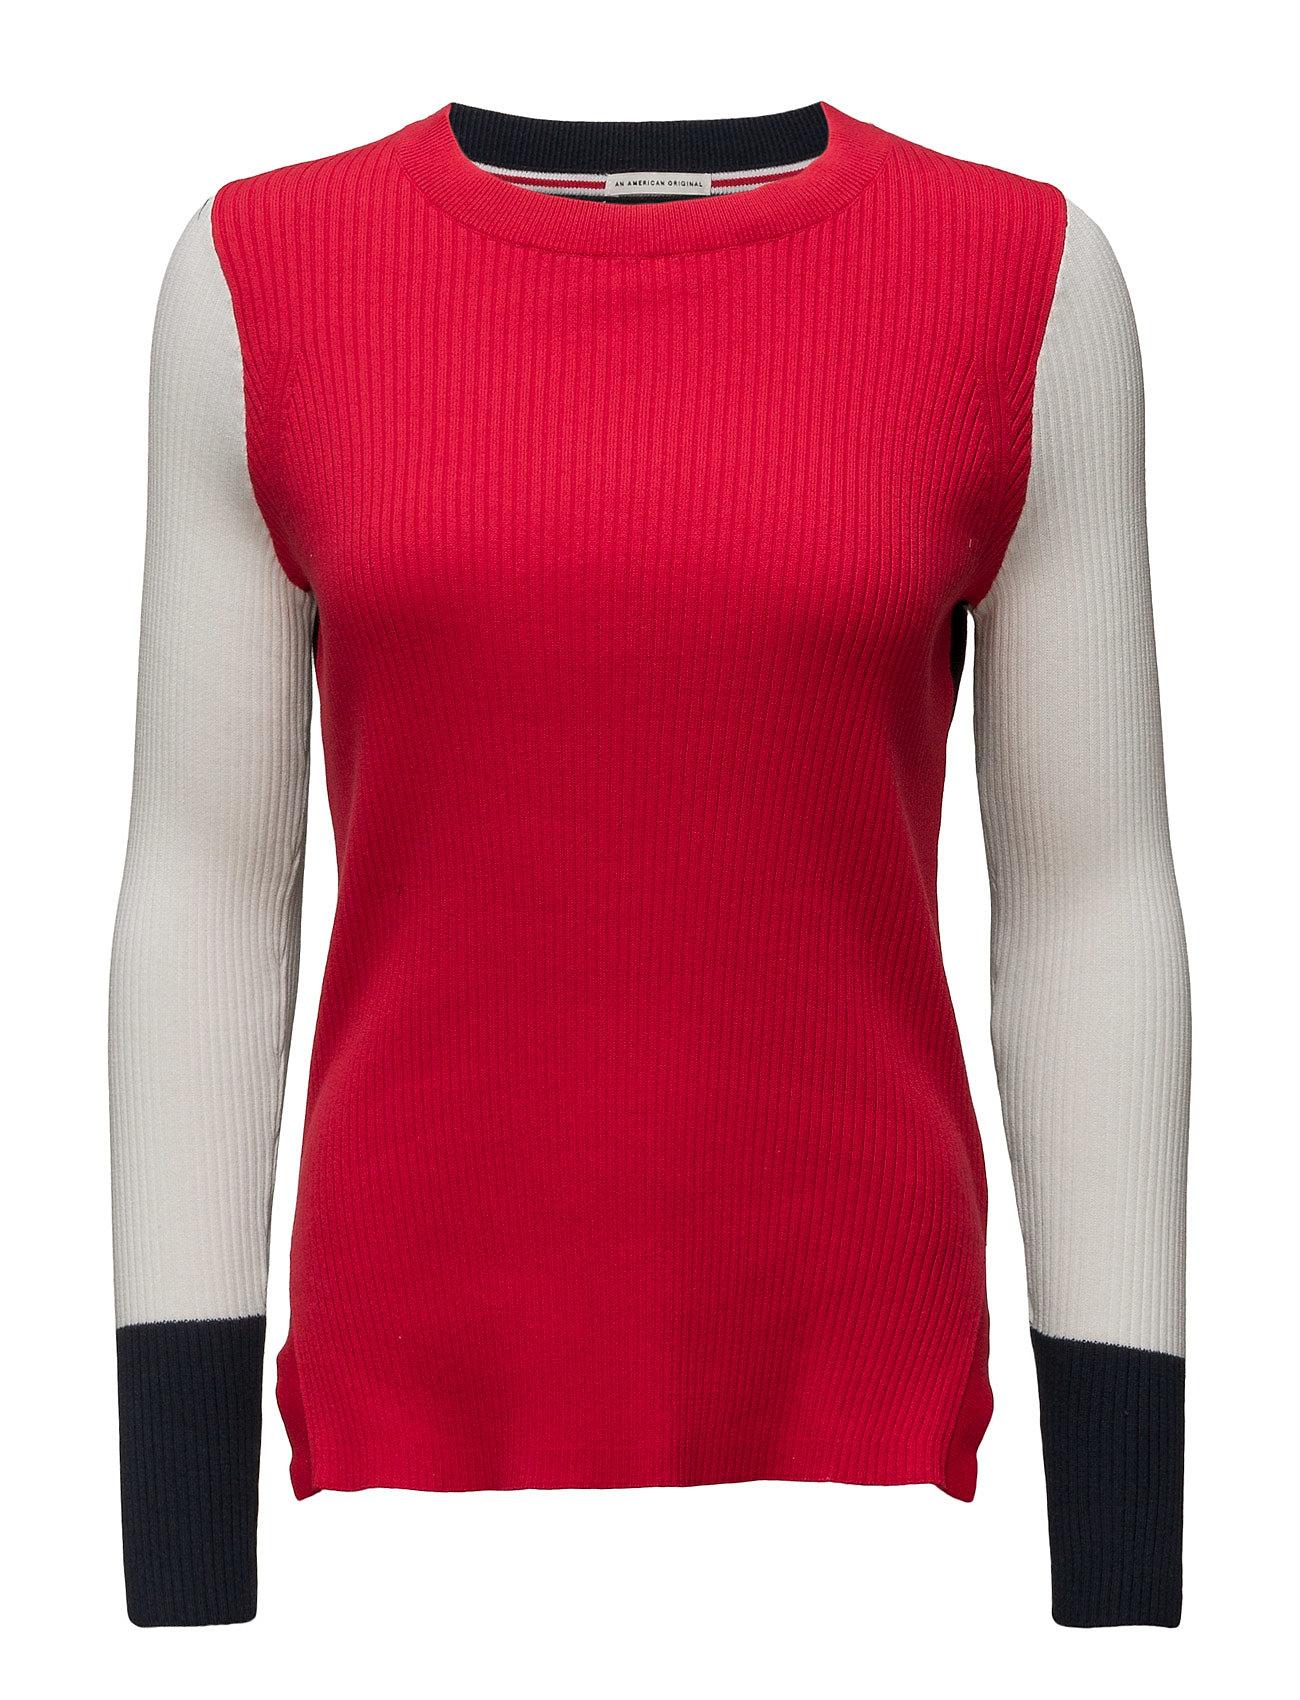 Thdw Stripe Cn Sweater L/S 28 Hilfiger Denim Sweatshirts til Damer i Rød